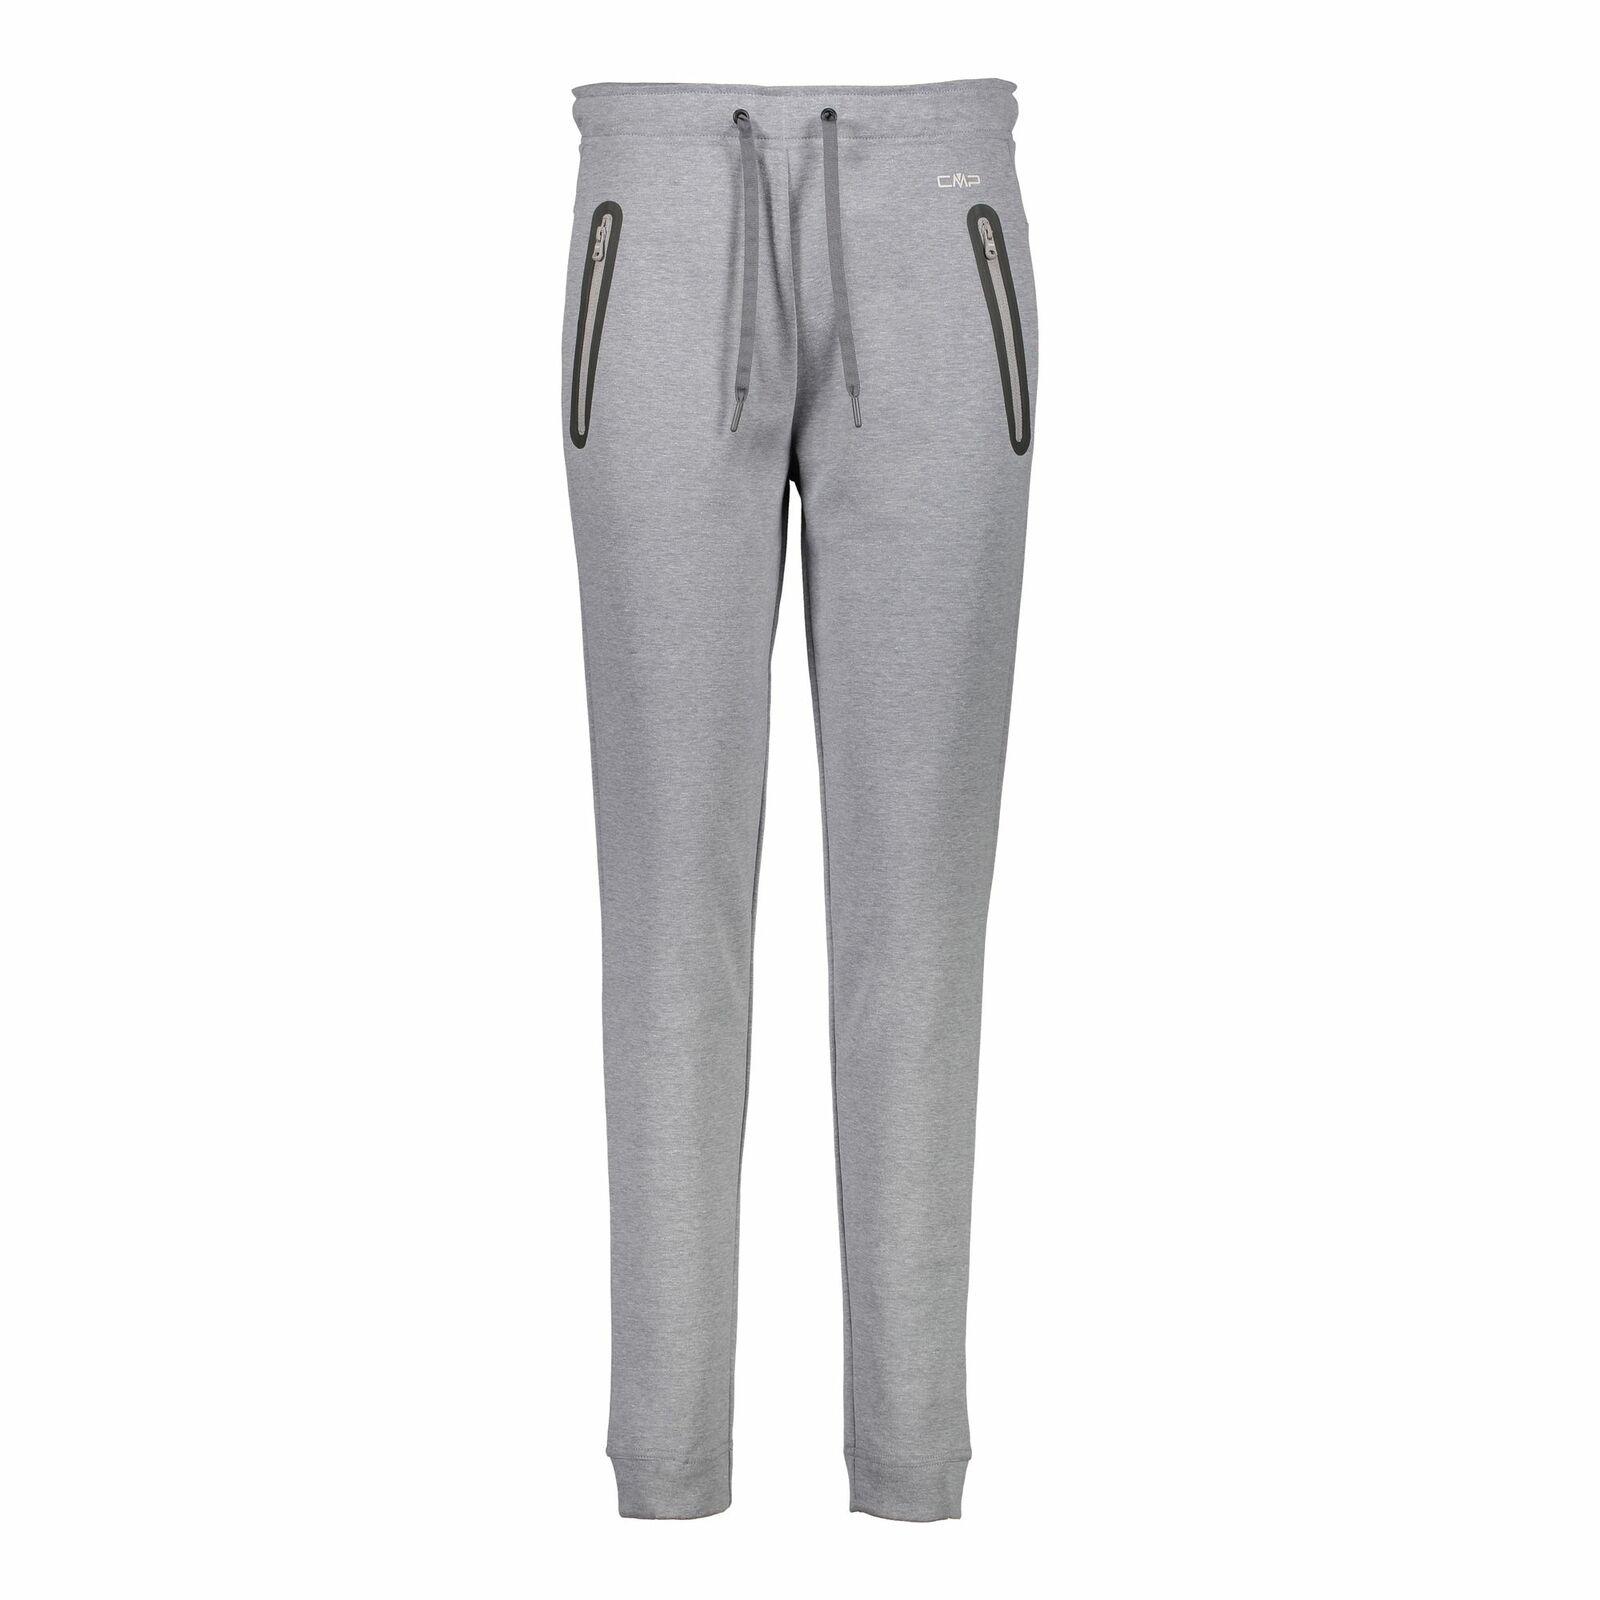 CMP Jogginghose Hose Woman Long Pant grey elastisch meliert Stretch